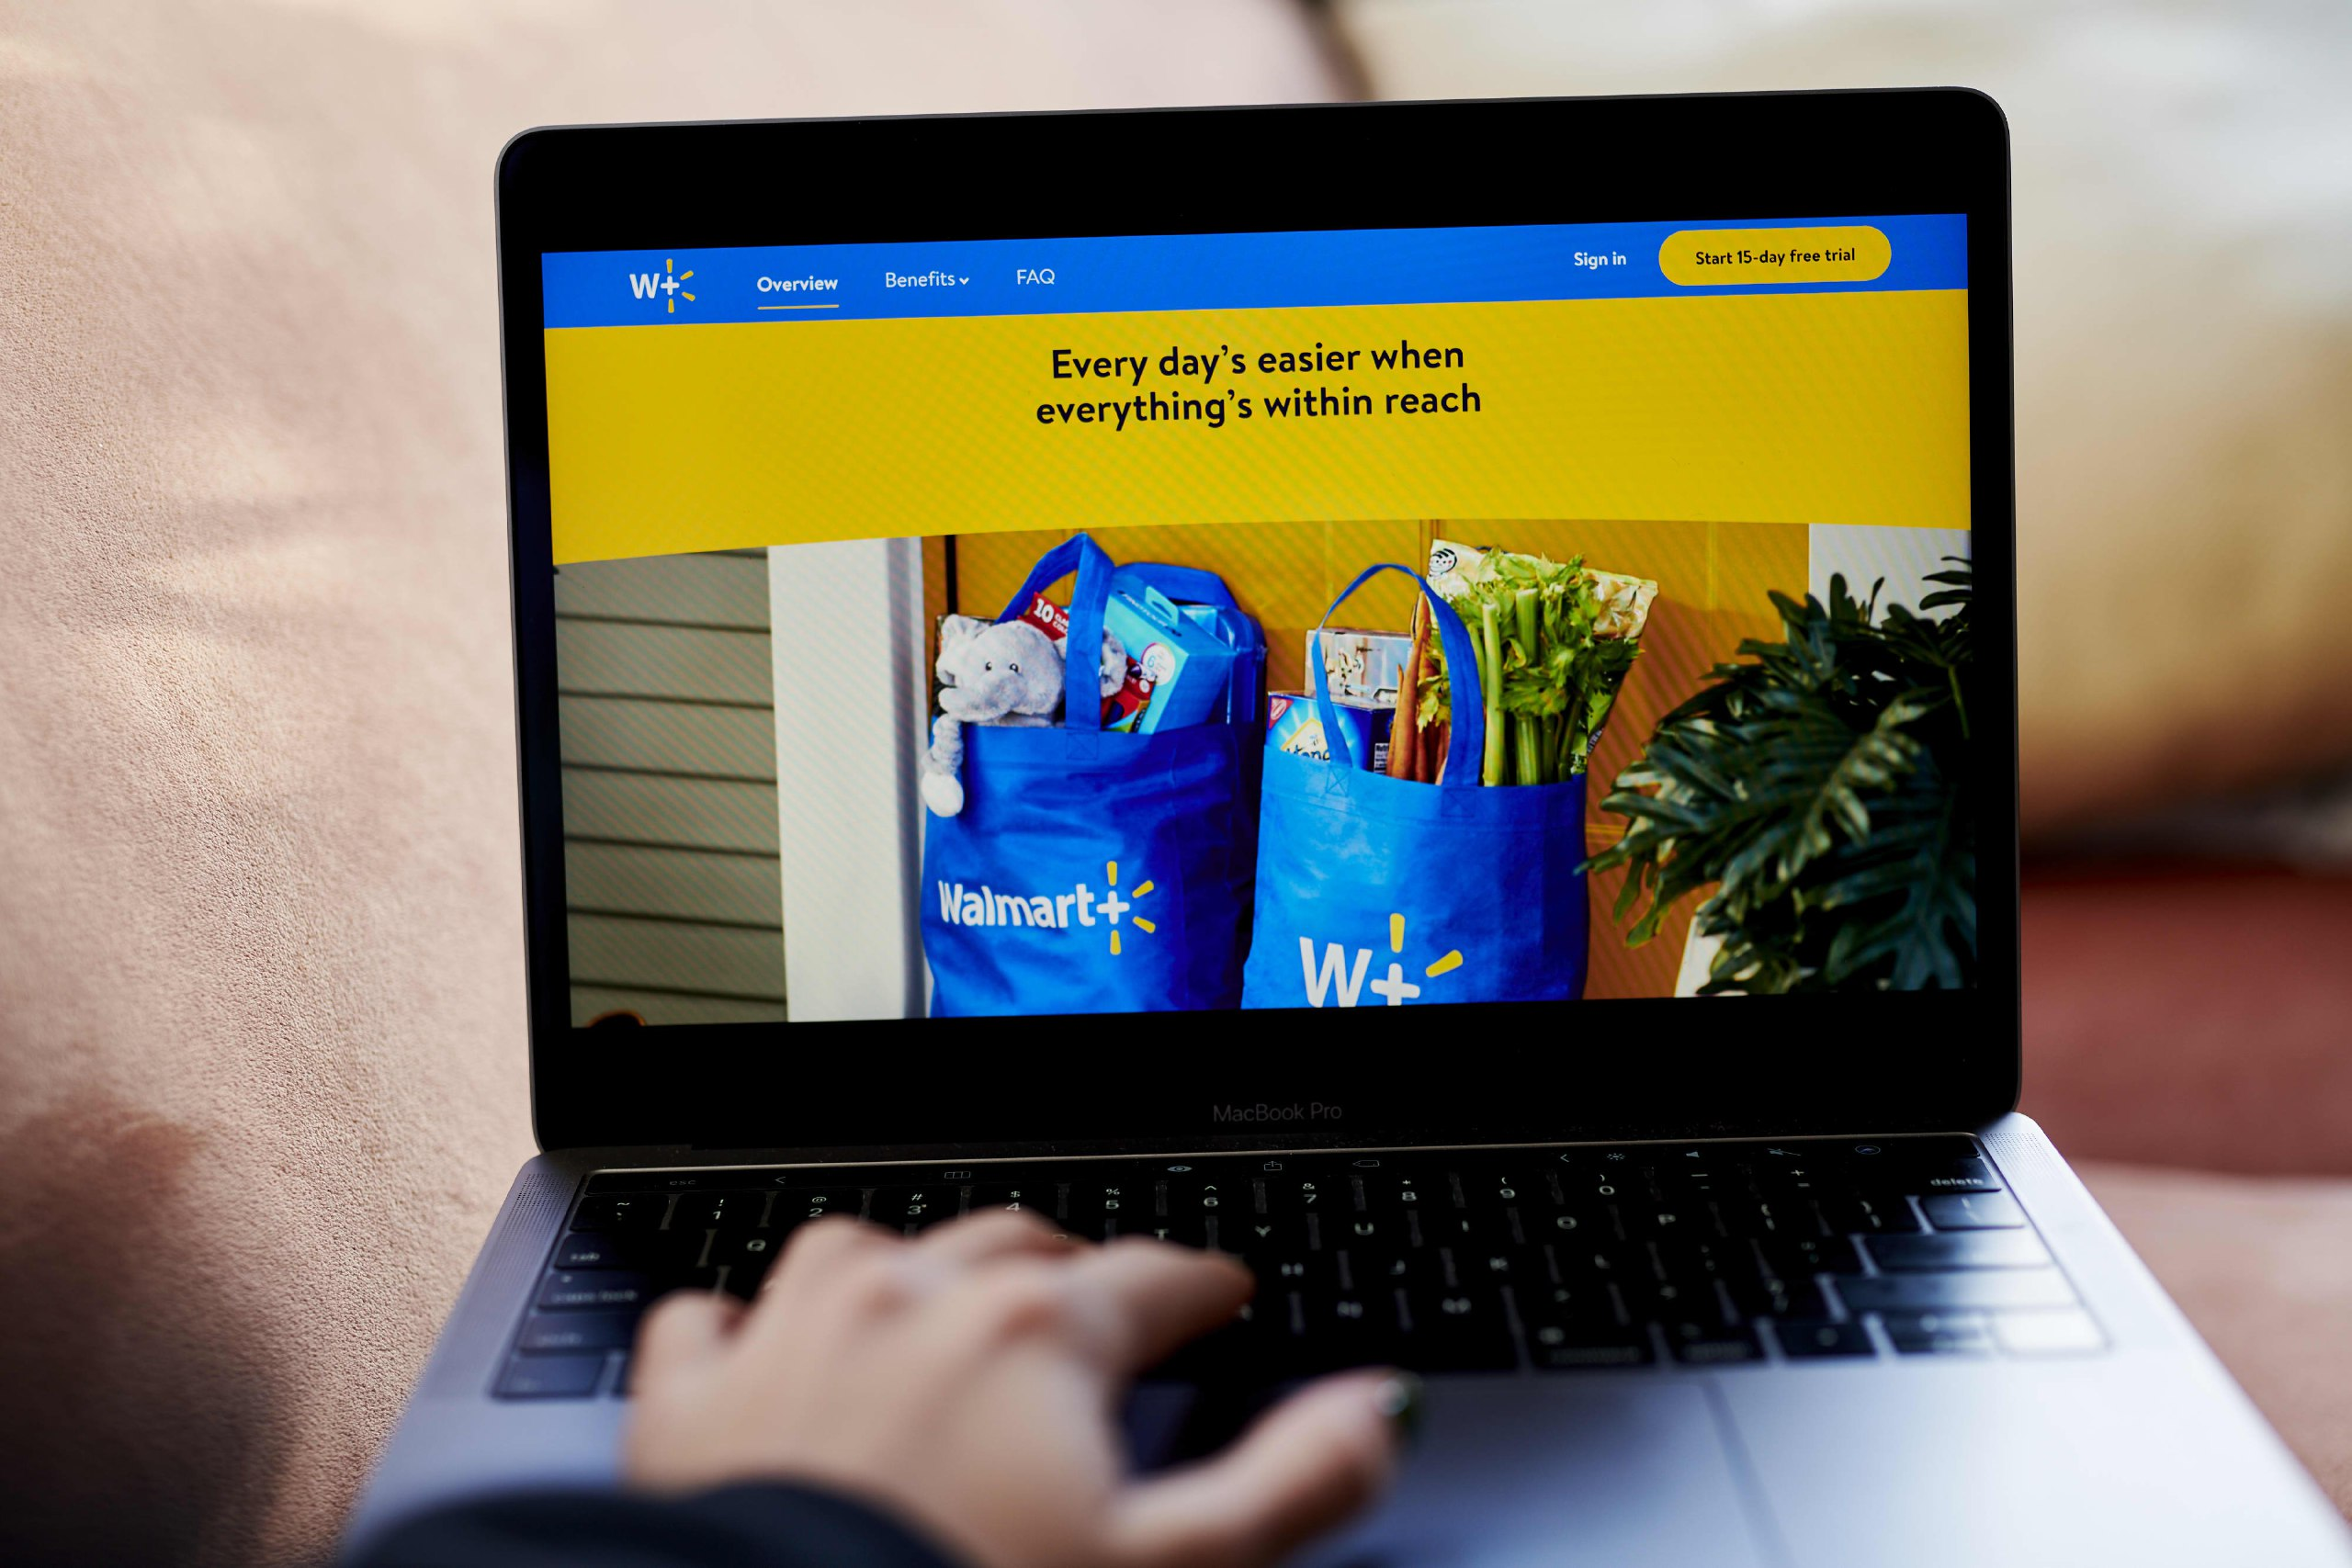 Небольшая новость про подписки в США: вы слышали что-нибудь про подписку Walmart+? Это такой почти полный клон изначального Amazon Prime (это про быструю и приоритетную доставку, не про видео), он набрал уже 32 милиона пользователей. При том по опросу 86%